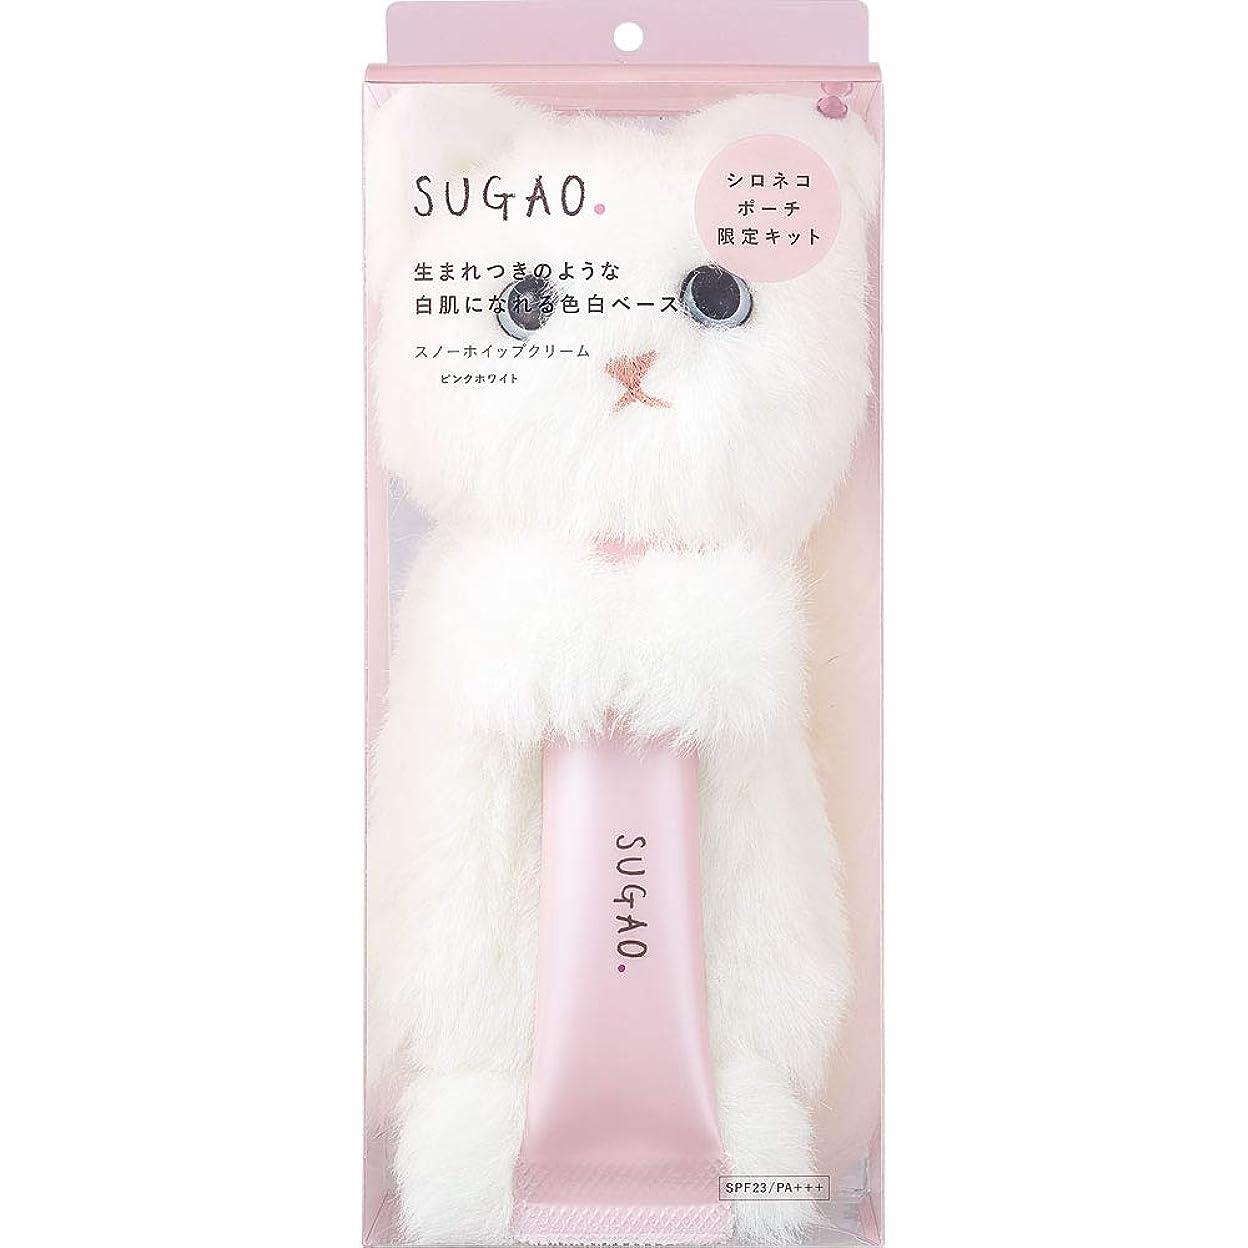 スガオ (SUGAO) 化粧下地 スノーホイップクリーム シロネコポーチ付き